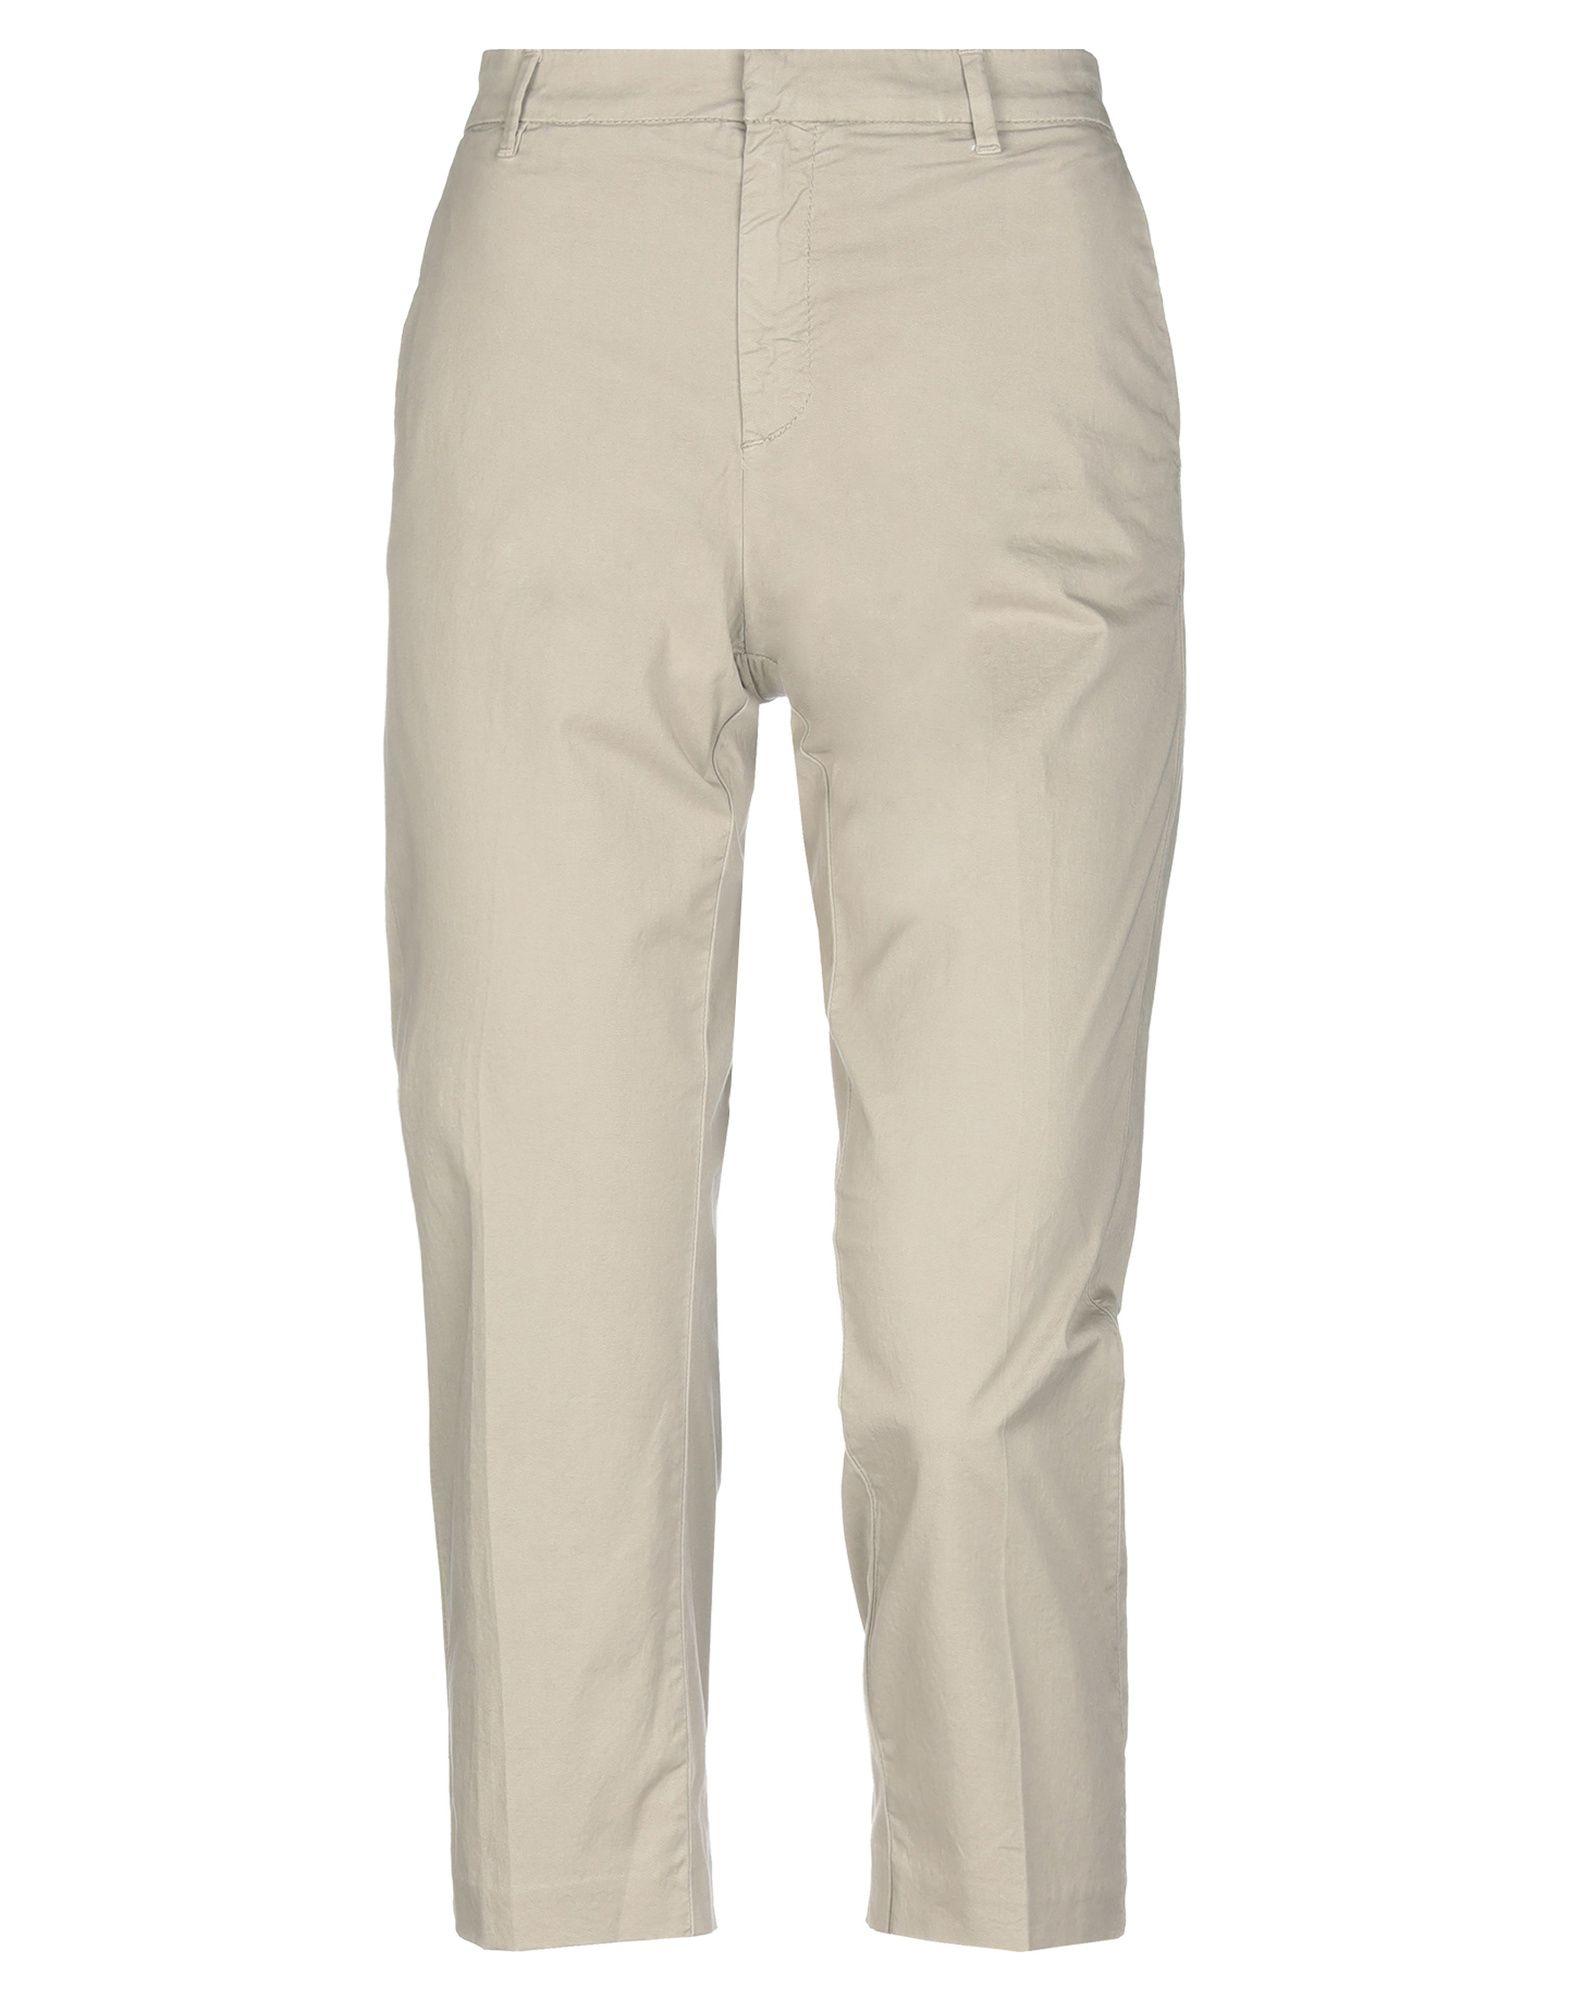 Фото - HAIKURE Брюки-капри noshua брюки капри